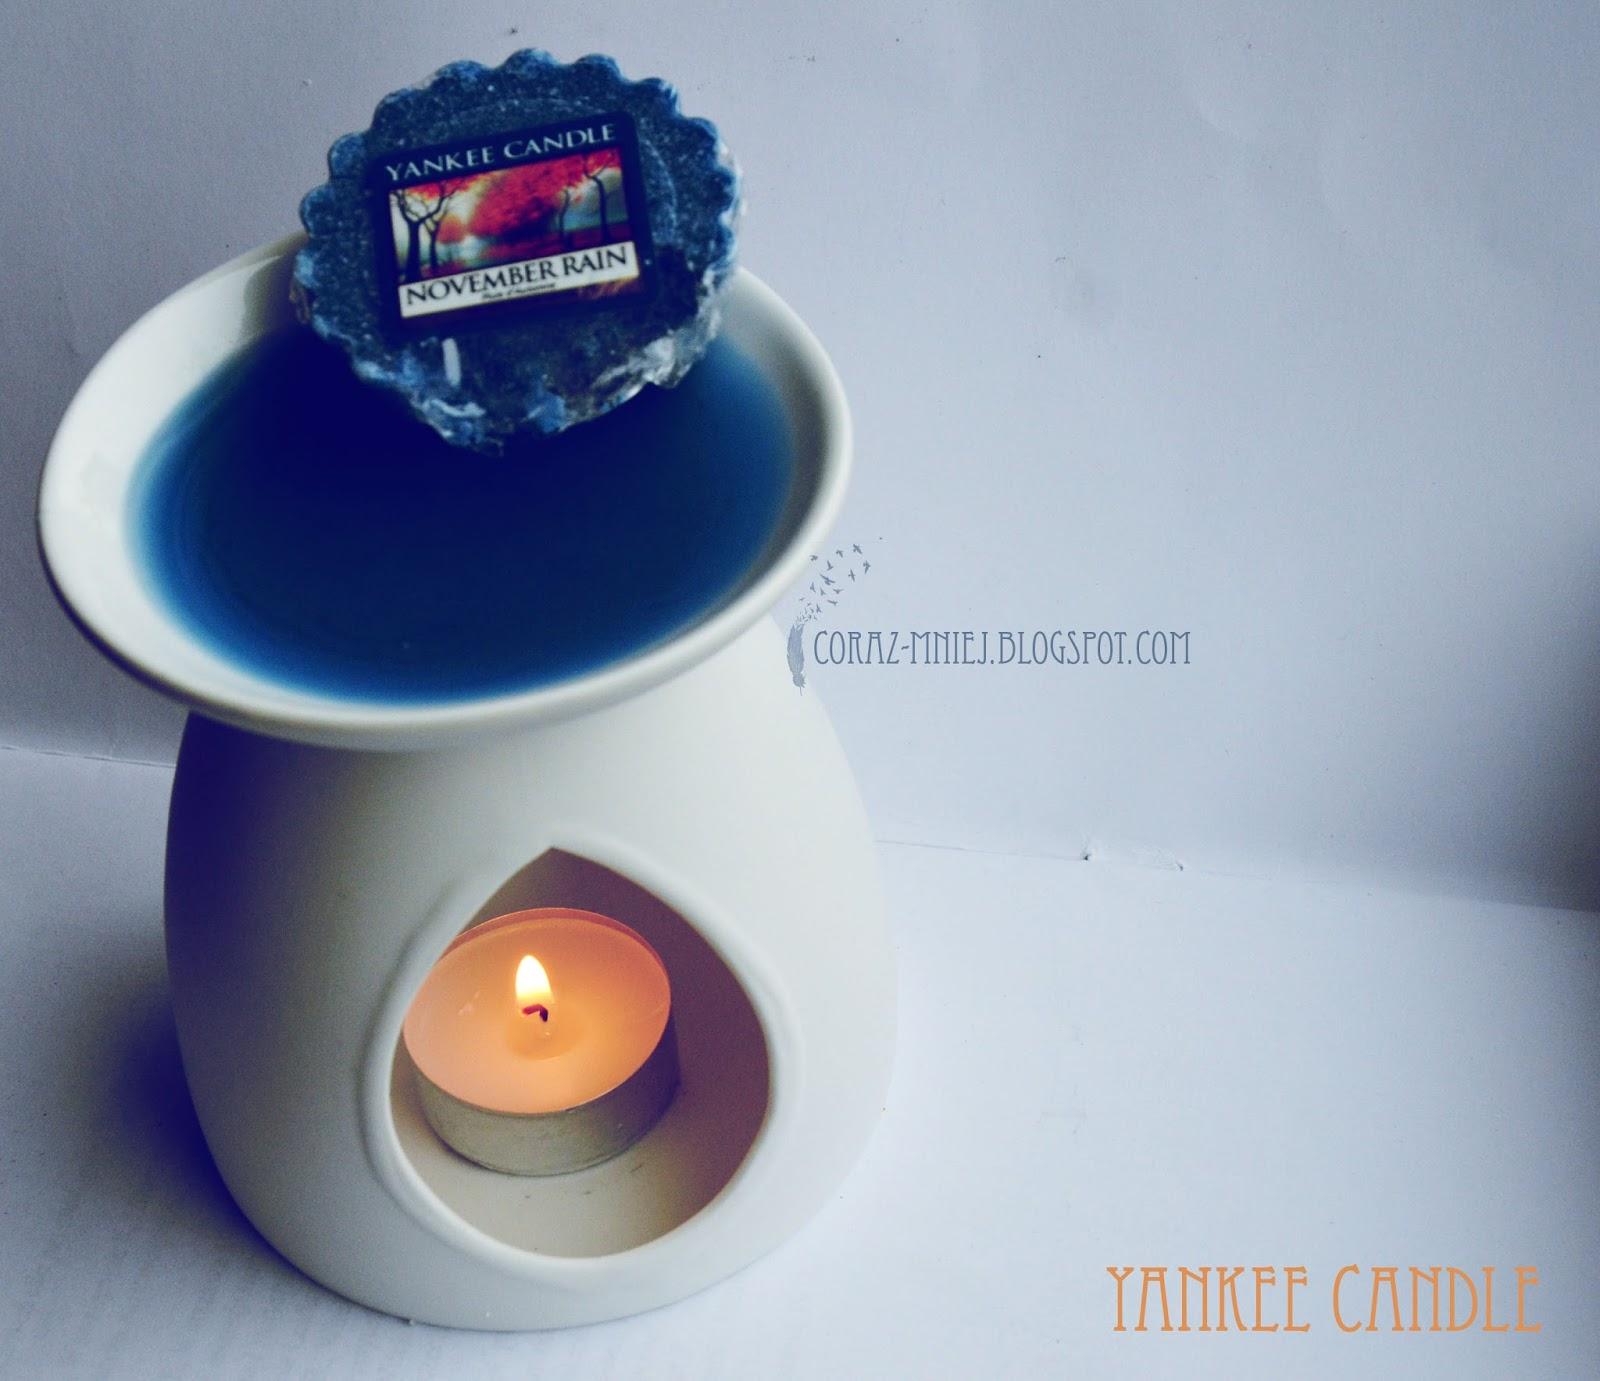 yankee-candle-november-rain